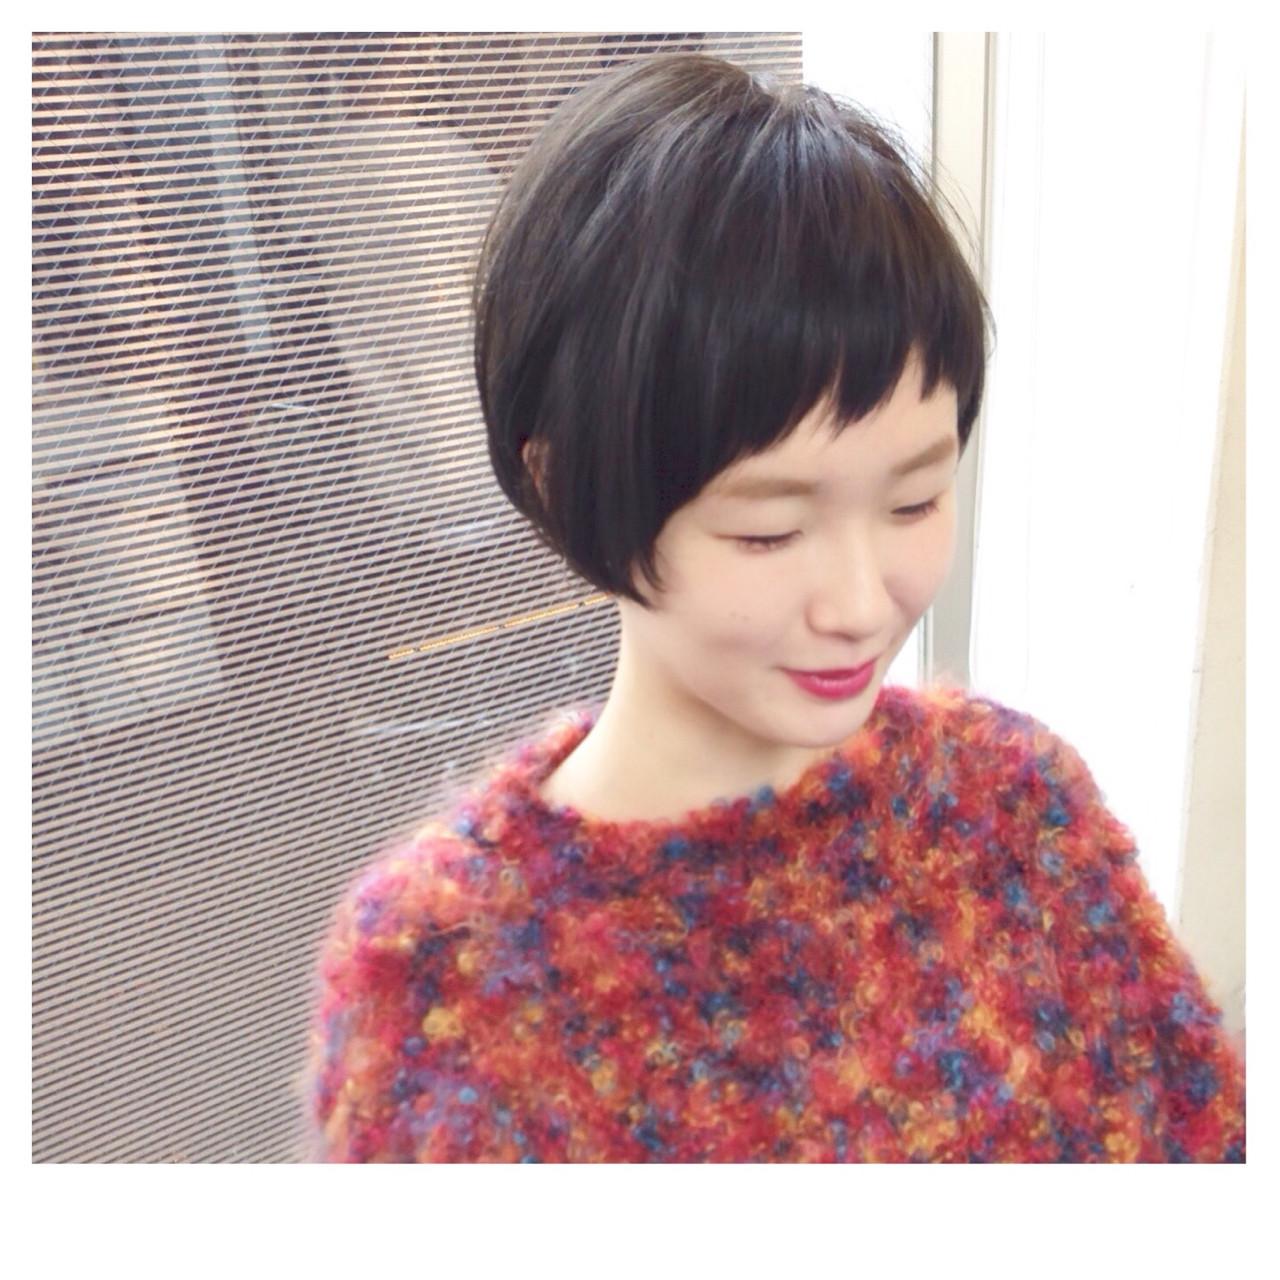 前髪あり ボブ ナチュラル アッシュ ヘアスタイルや髪型の写真・画像 | 梅原 寿 / RITZY